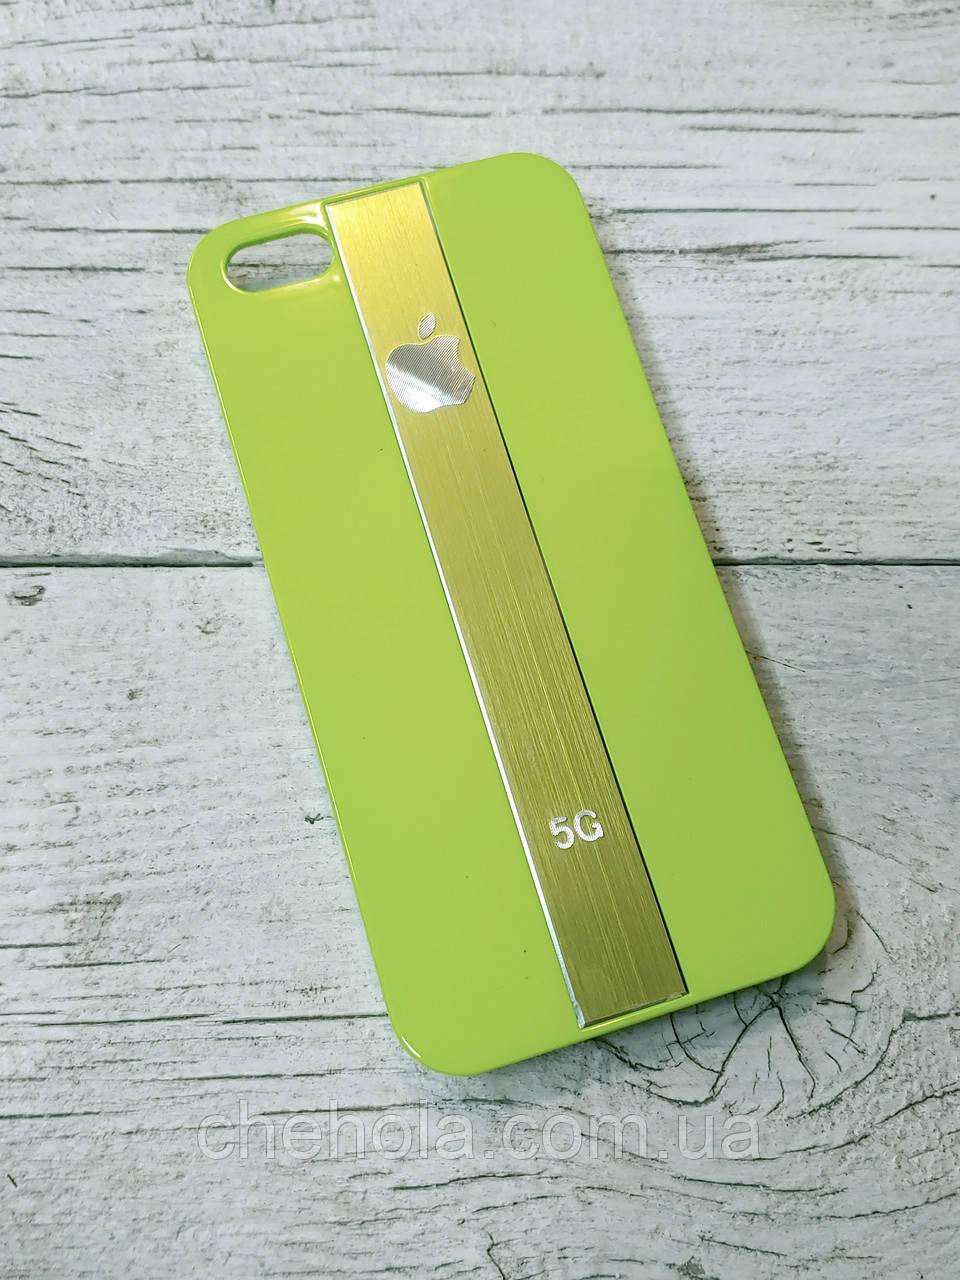 Противоударный Чехол для Iphone 5 5S SE Juicy Metal Зеленый